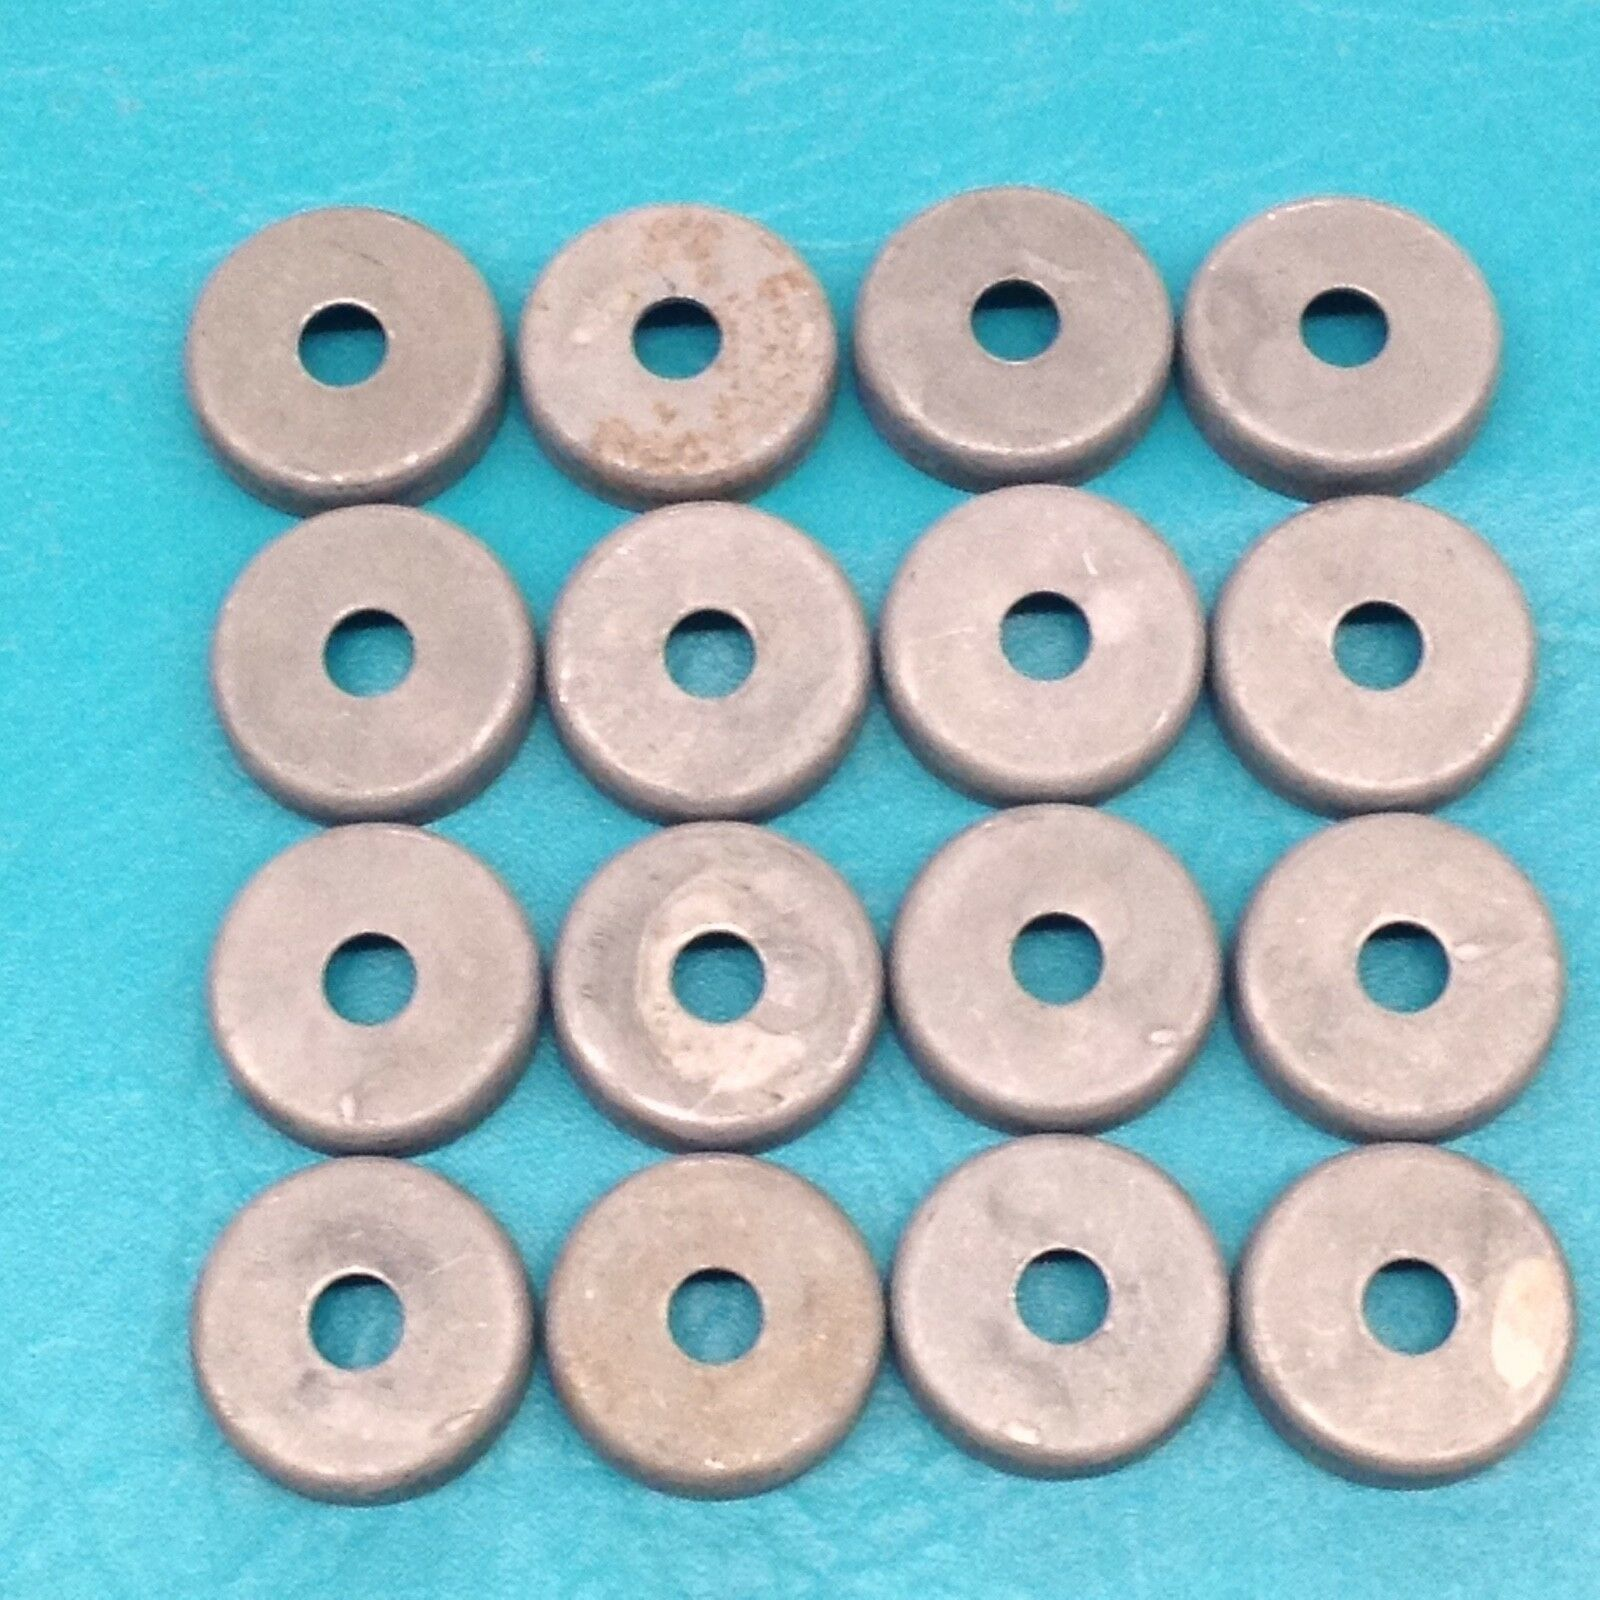 16 nuevo 1 1 4  pies de soldadura en tazas de acero metal hierro Forjado Patio Silla Pierna Tapas